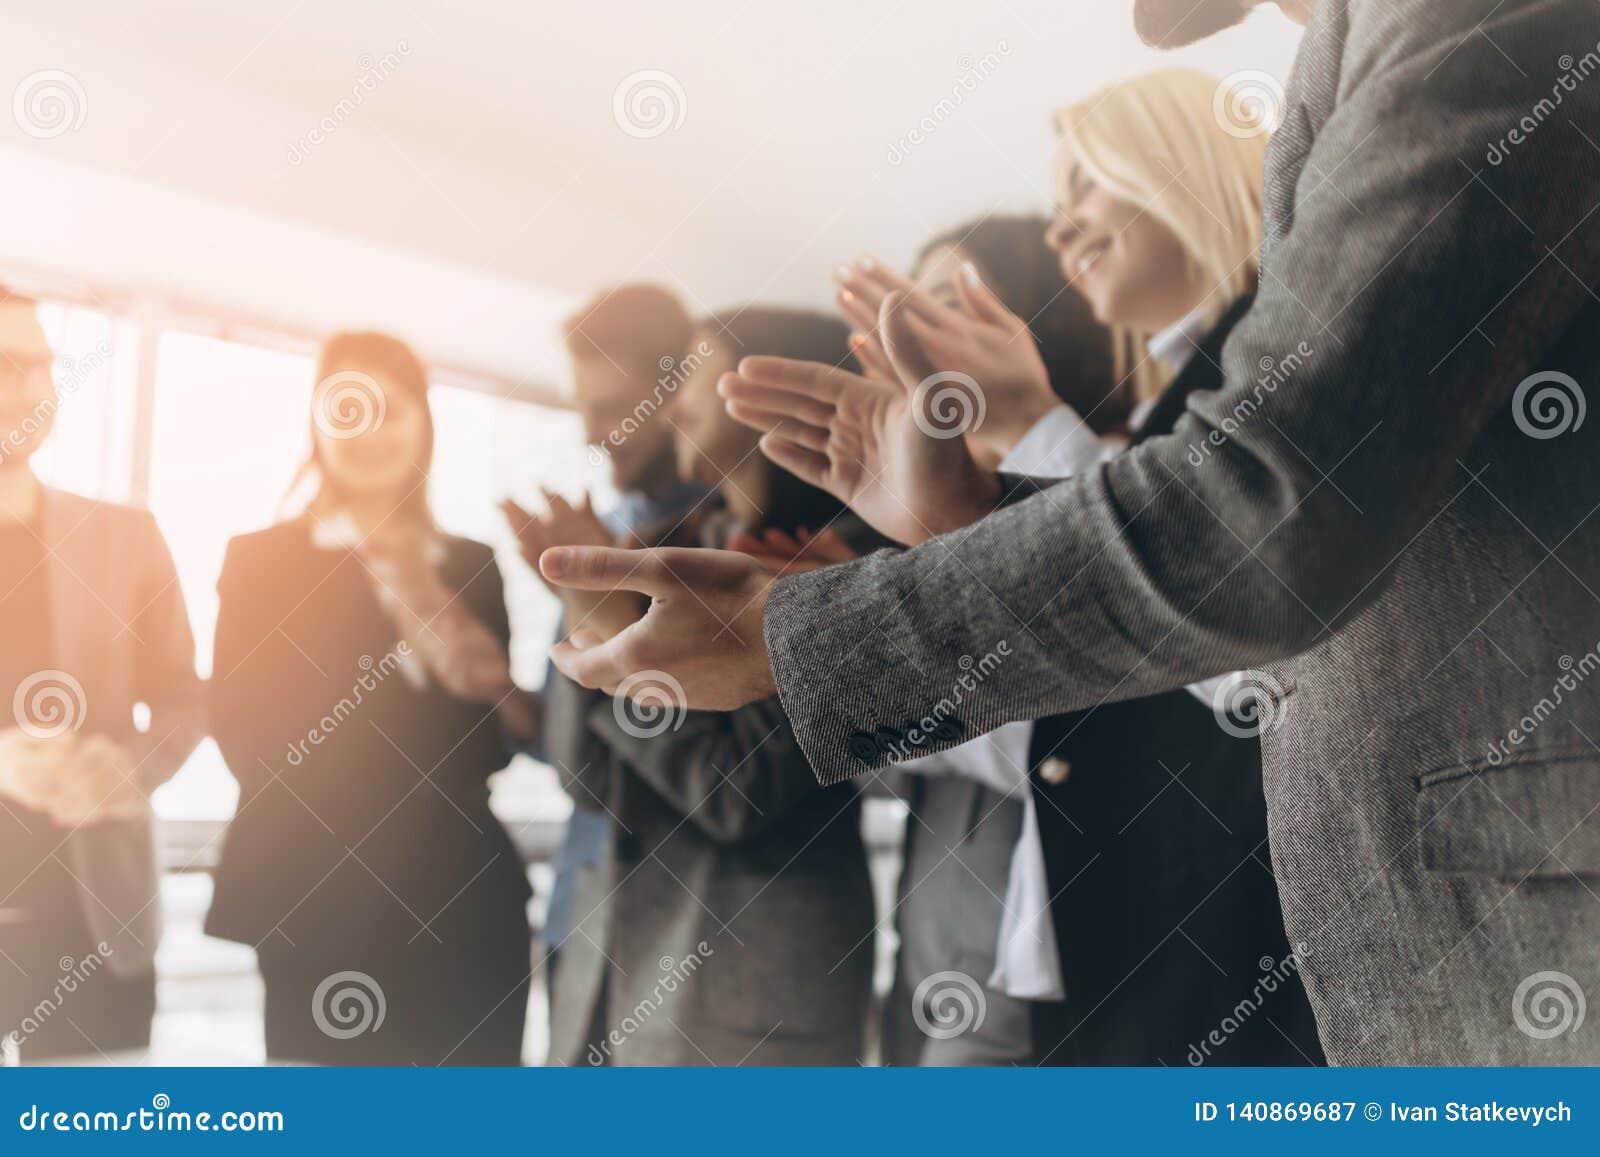 Grupo de executivos multirracial que aplaudem as mãos para felicitar seu chefe - equipe da empresa de negócio, aclamação de pé ap